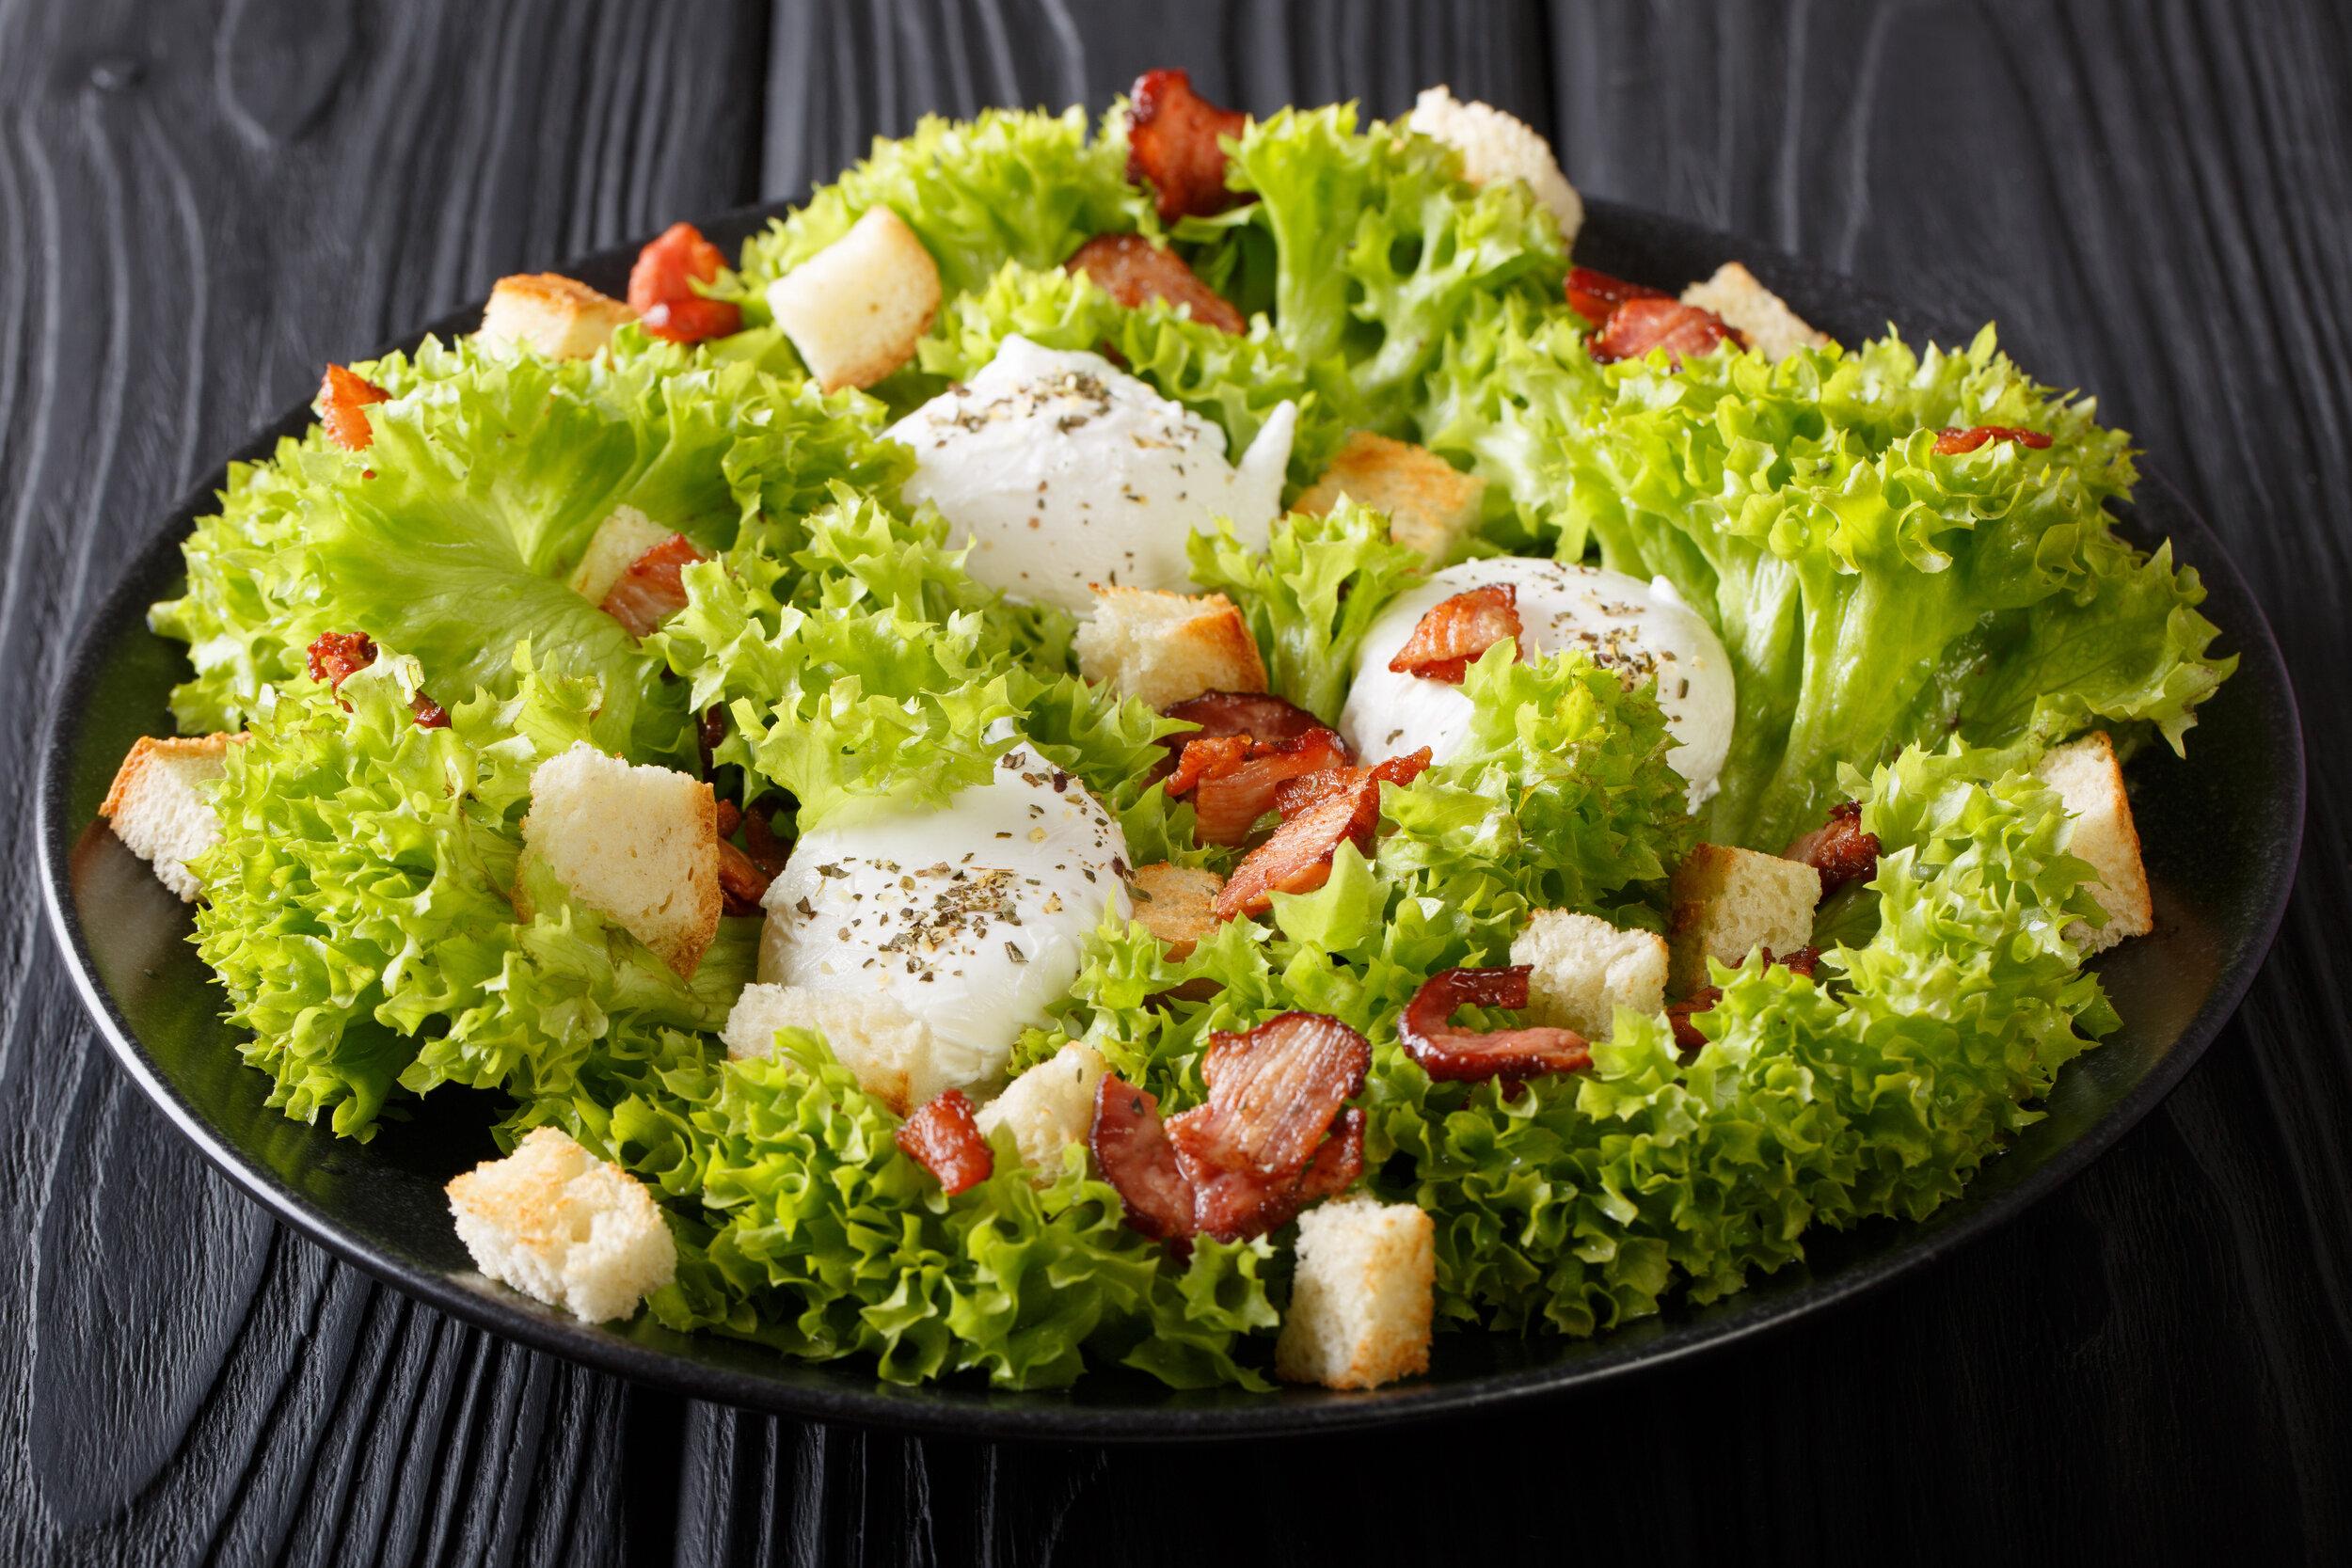 Low Cal Lyonnaise Salad